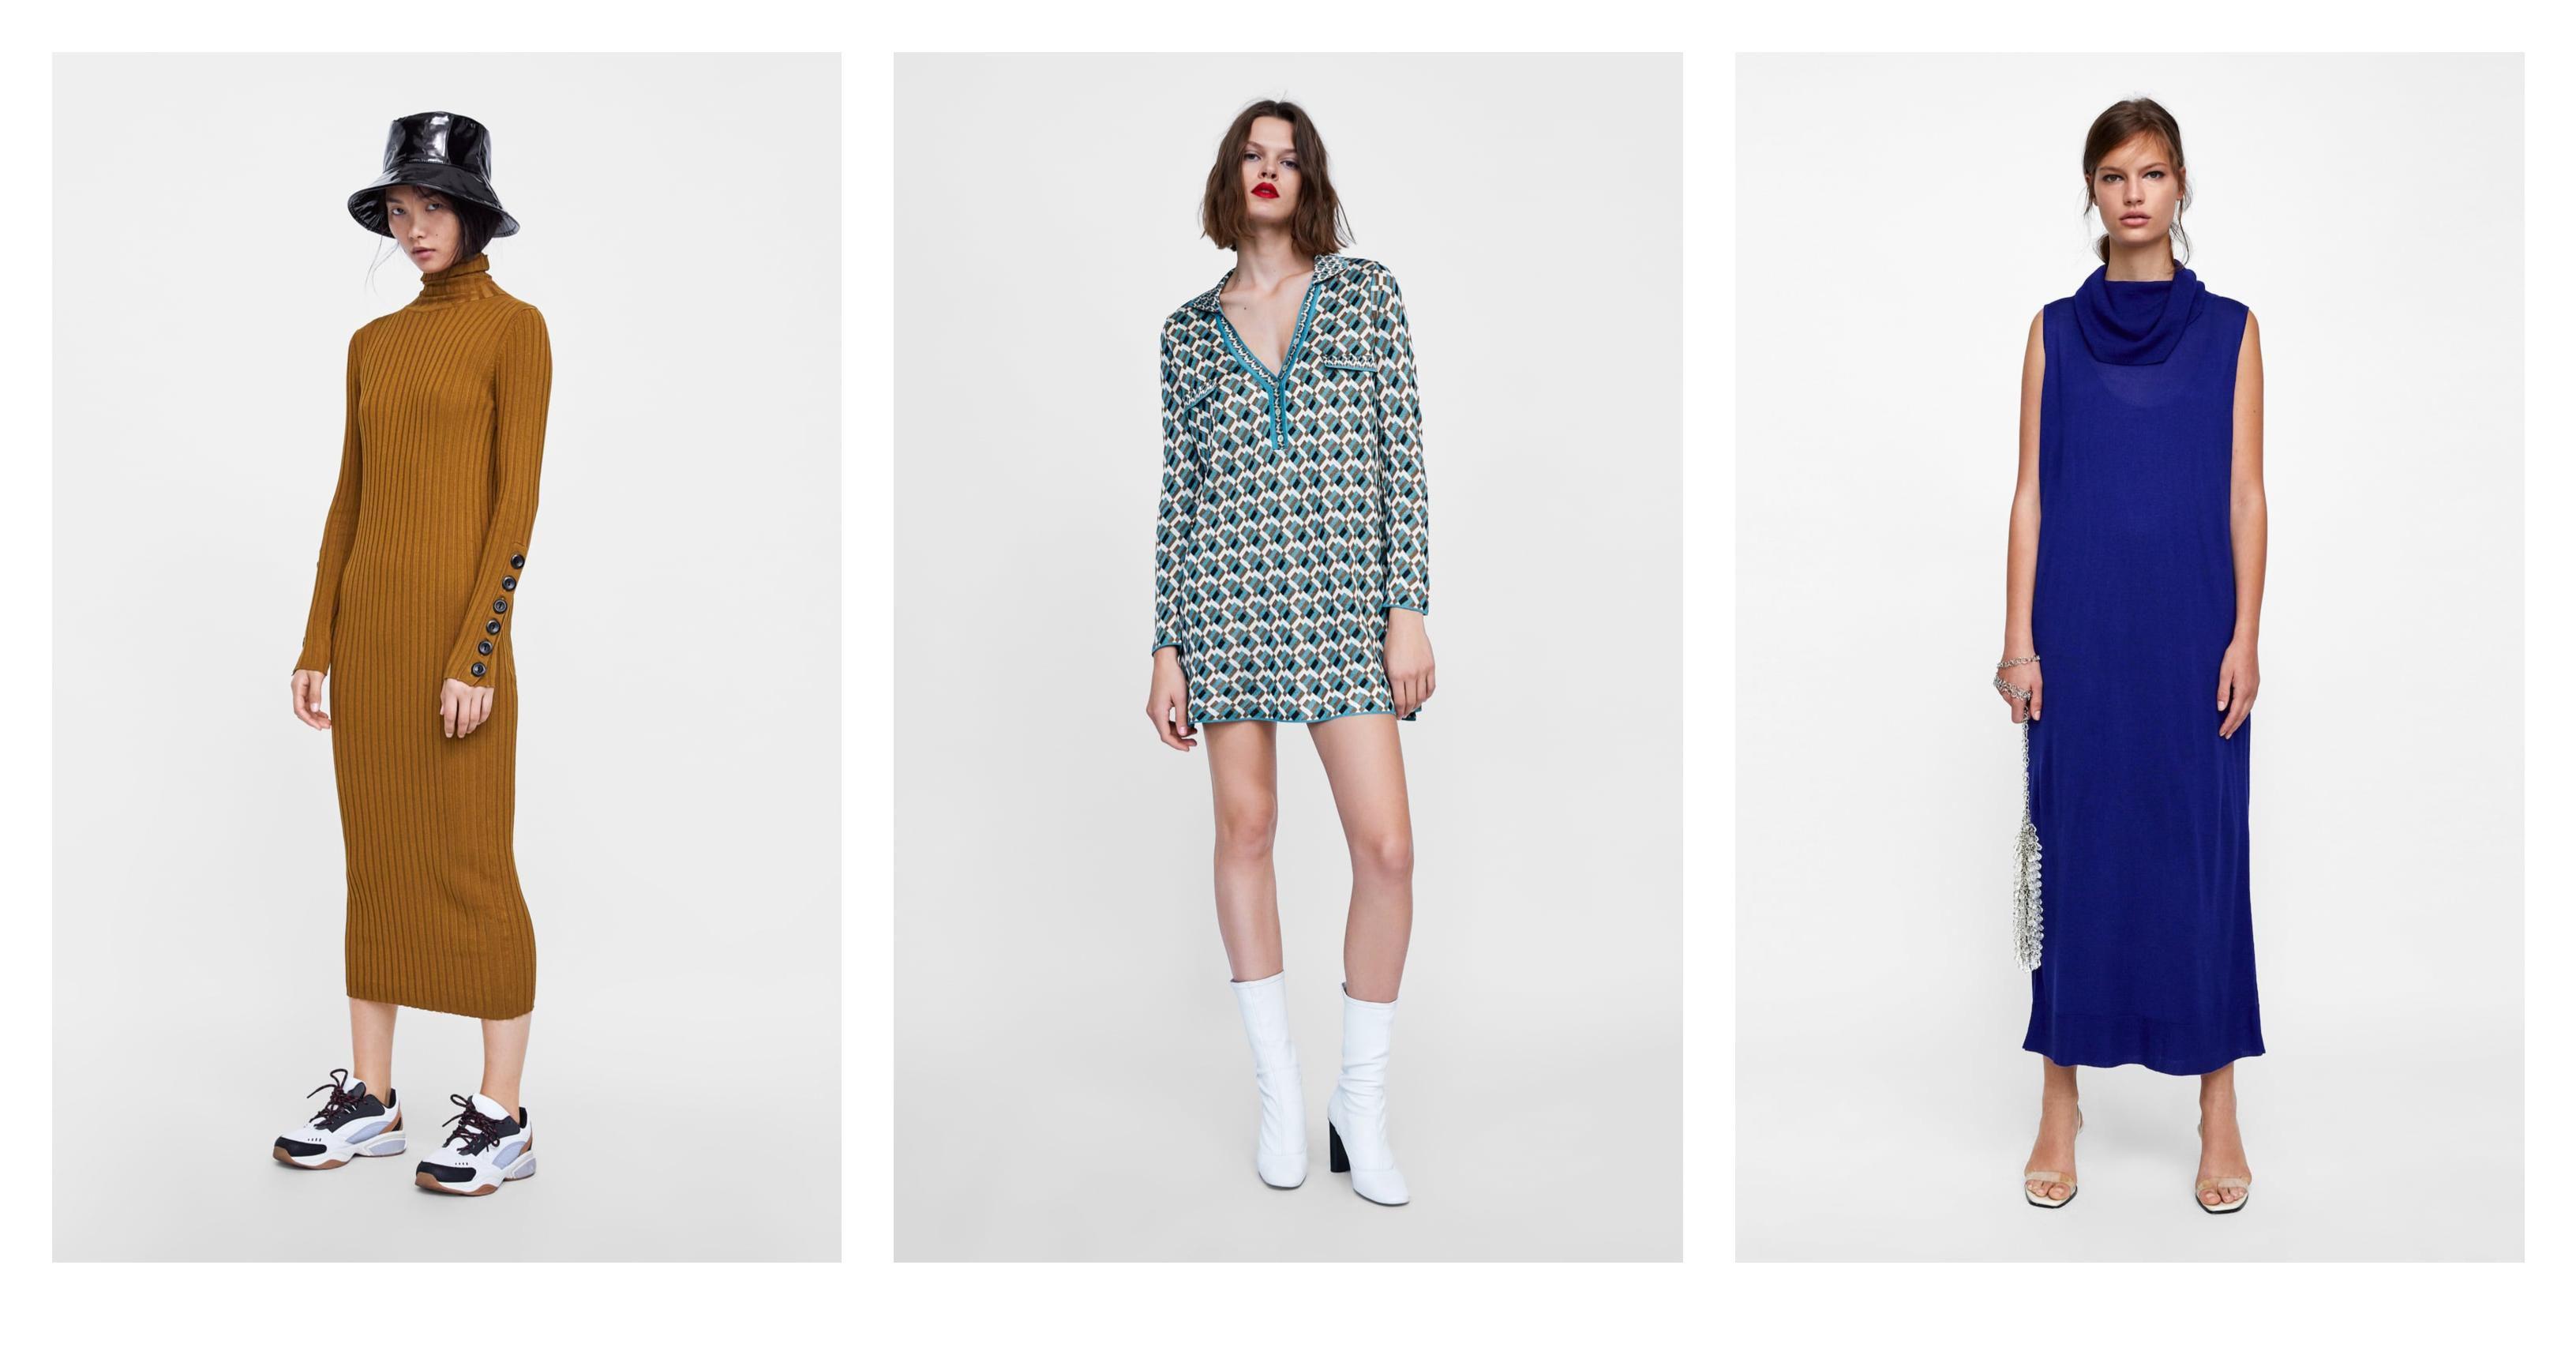 Tople i trendi... Vunene haljine pravi su hit! Izdvojil smo najljepše iz Zarine ponude